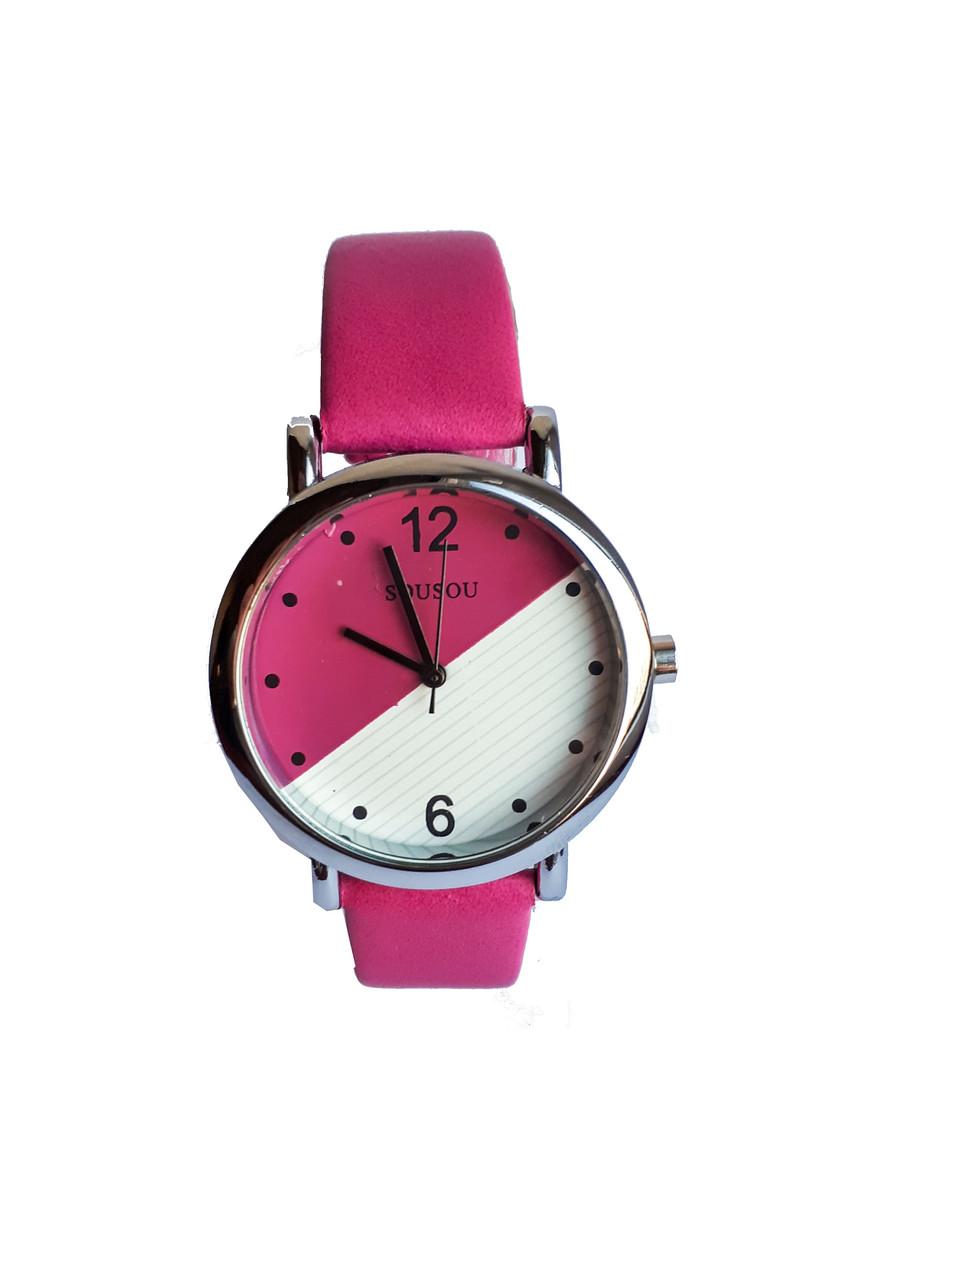 Часы женские SouSou Double малиновый